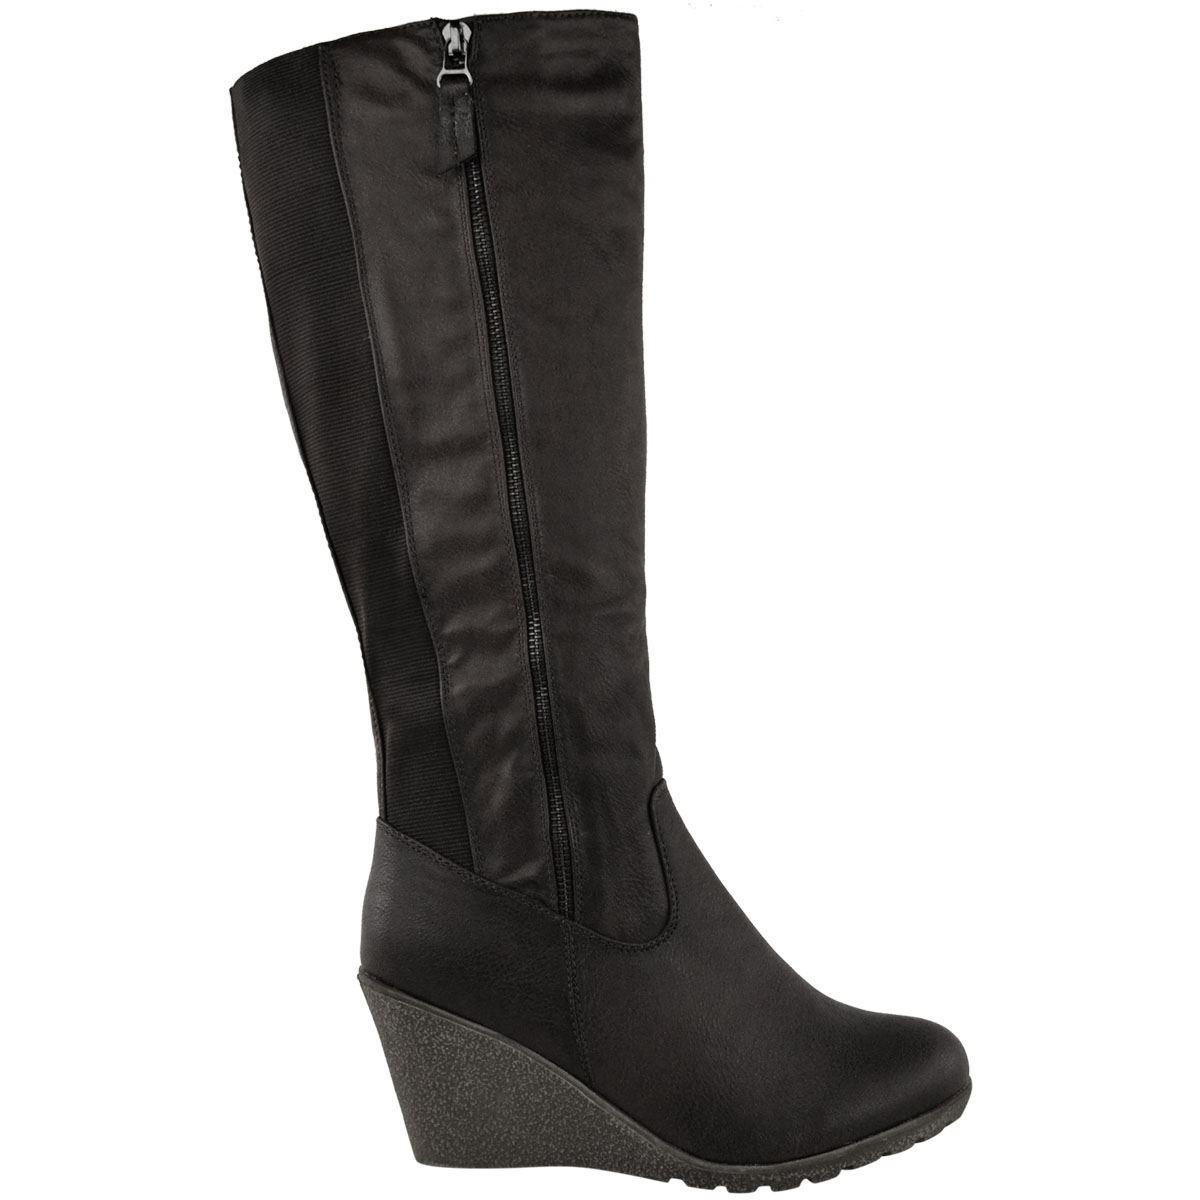 69f7778e561c Čižmy na plnej platforme Black – Sissy Boutique